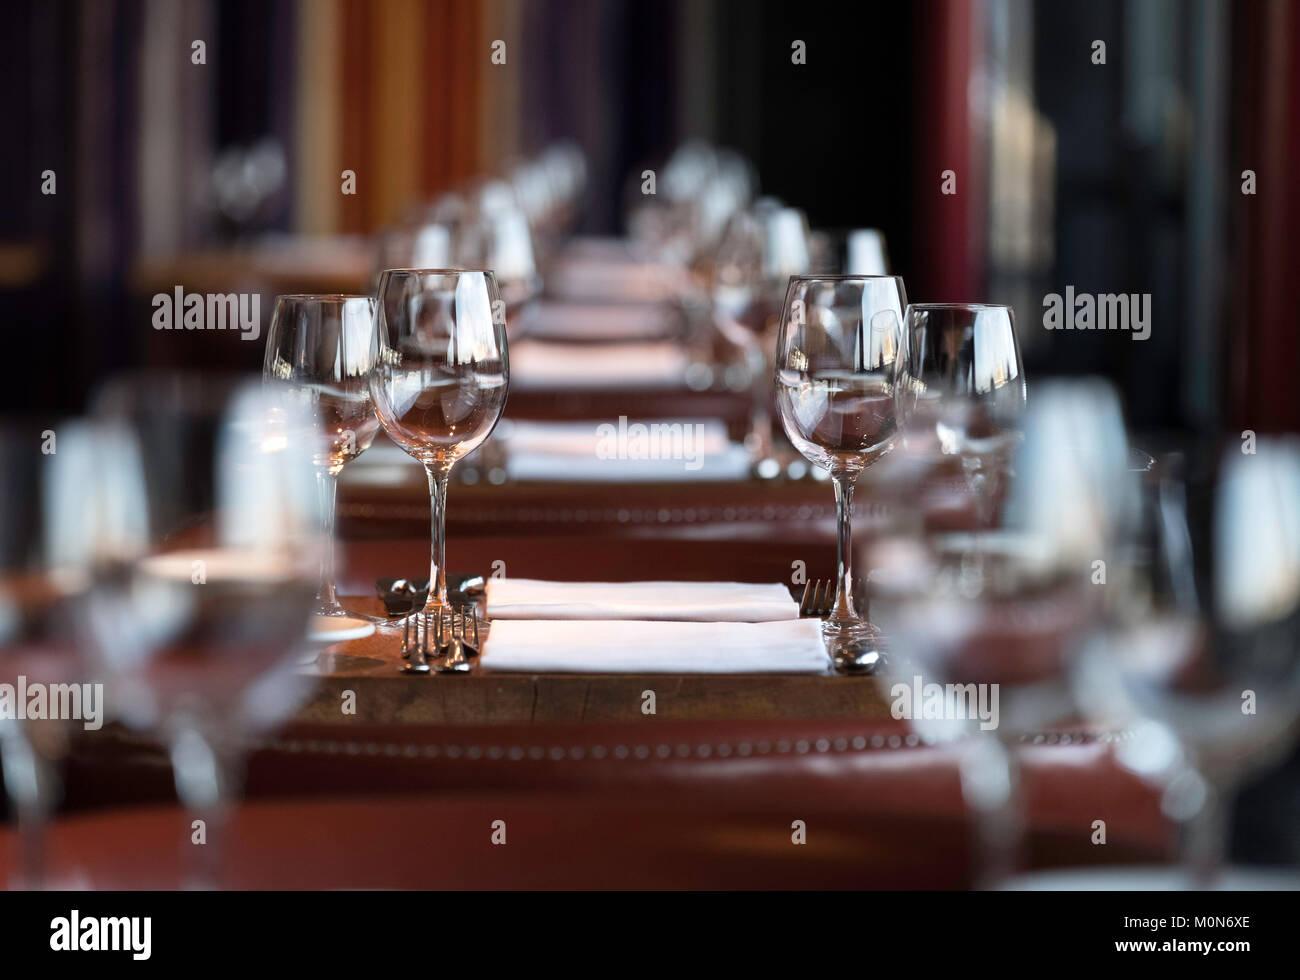 Vista della fila di bicchieri di vino di tabelle in un ristorante Immagini Stock